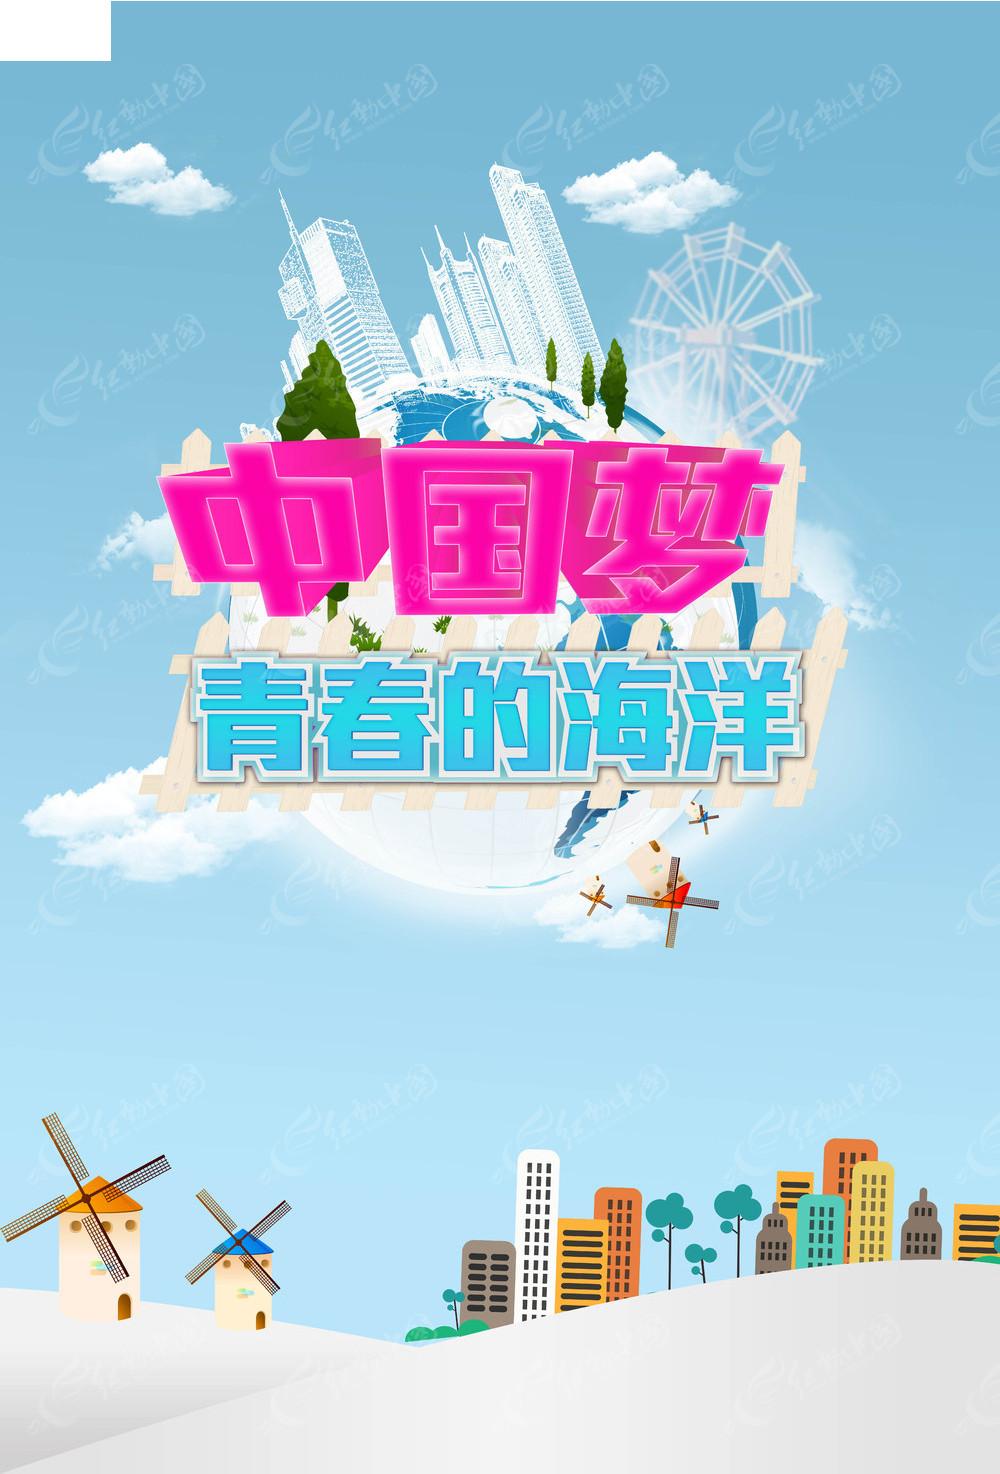 中国梦海报 蓝天 白云 地球 栅栏 立体字 建筑 风车 树木  海报 设计图片